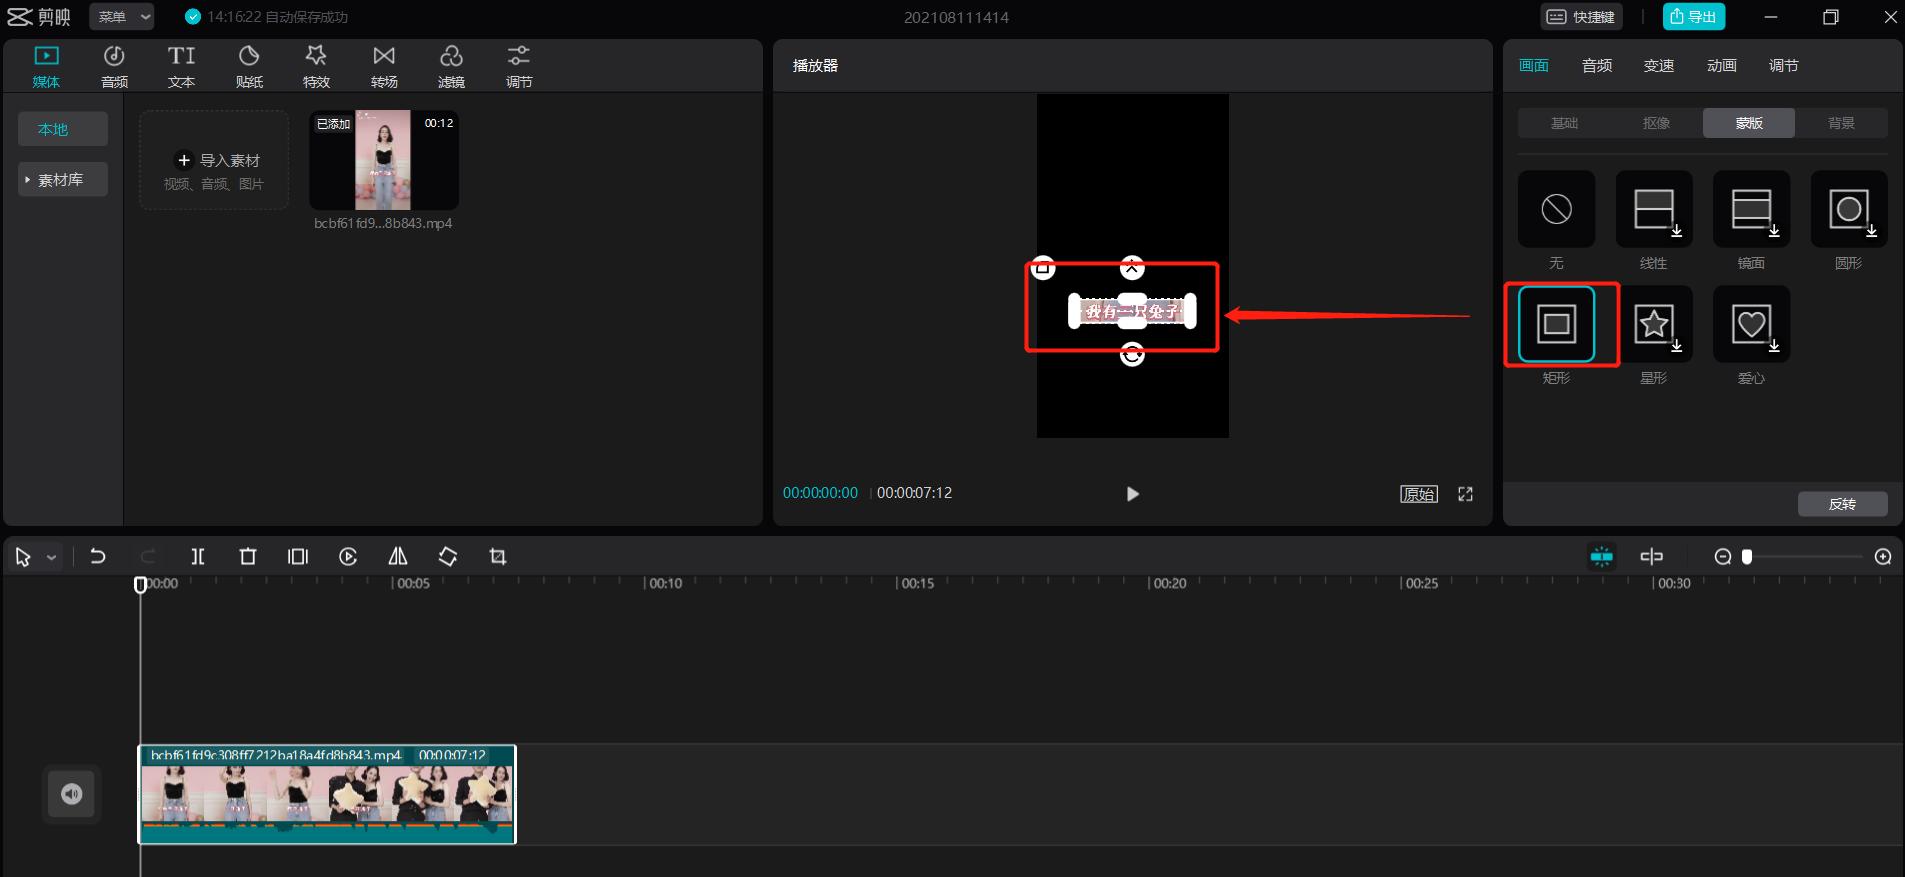 电脑剪映如何去除视频中的水印字幕教程